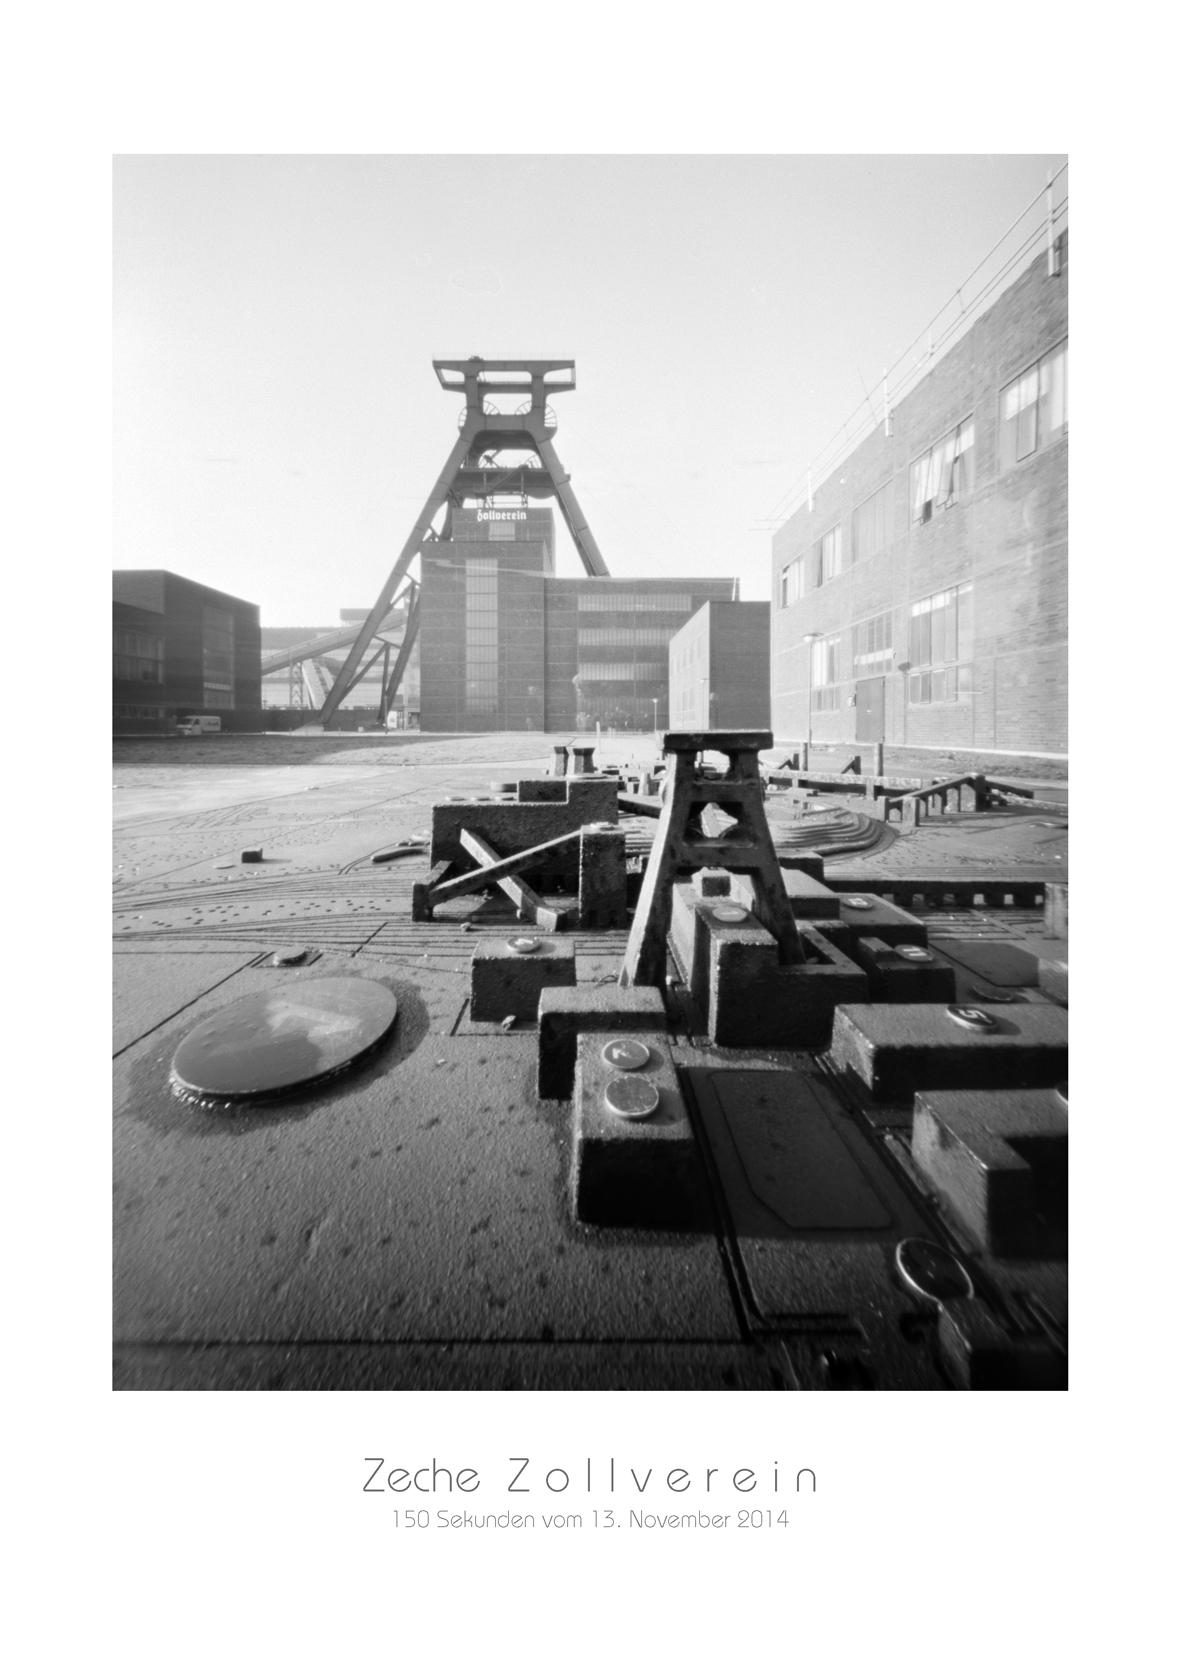 ralf-saenger_LoKaNeg2014111301 Zollverein_1bA4